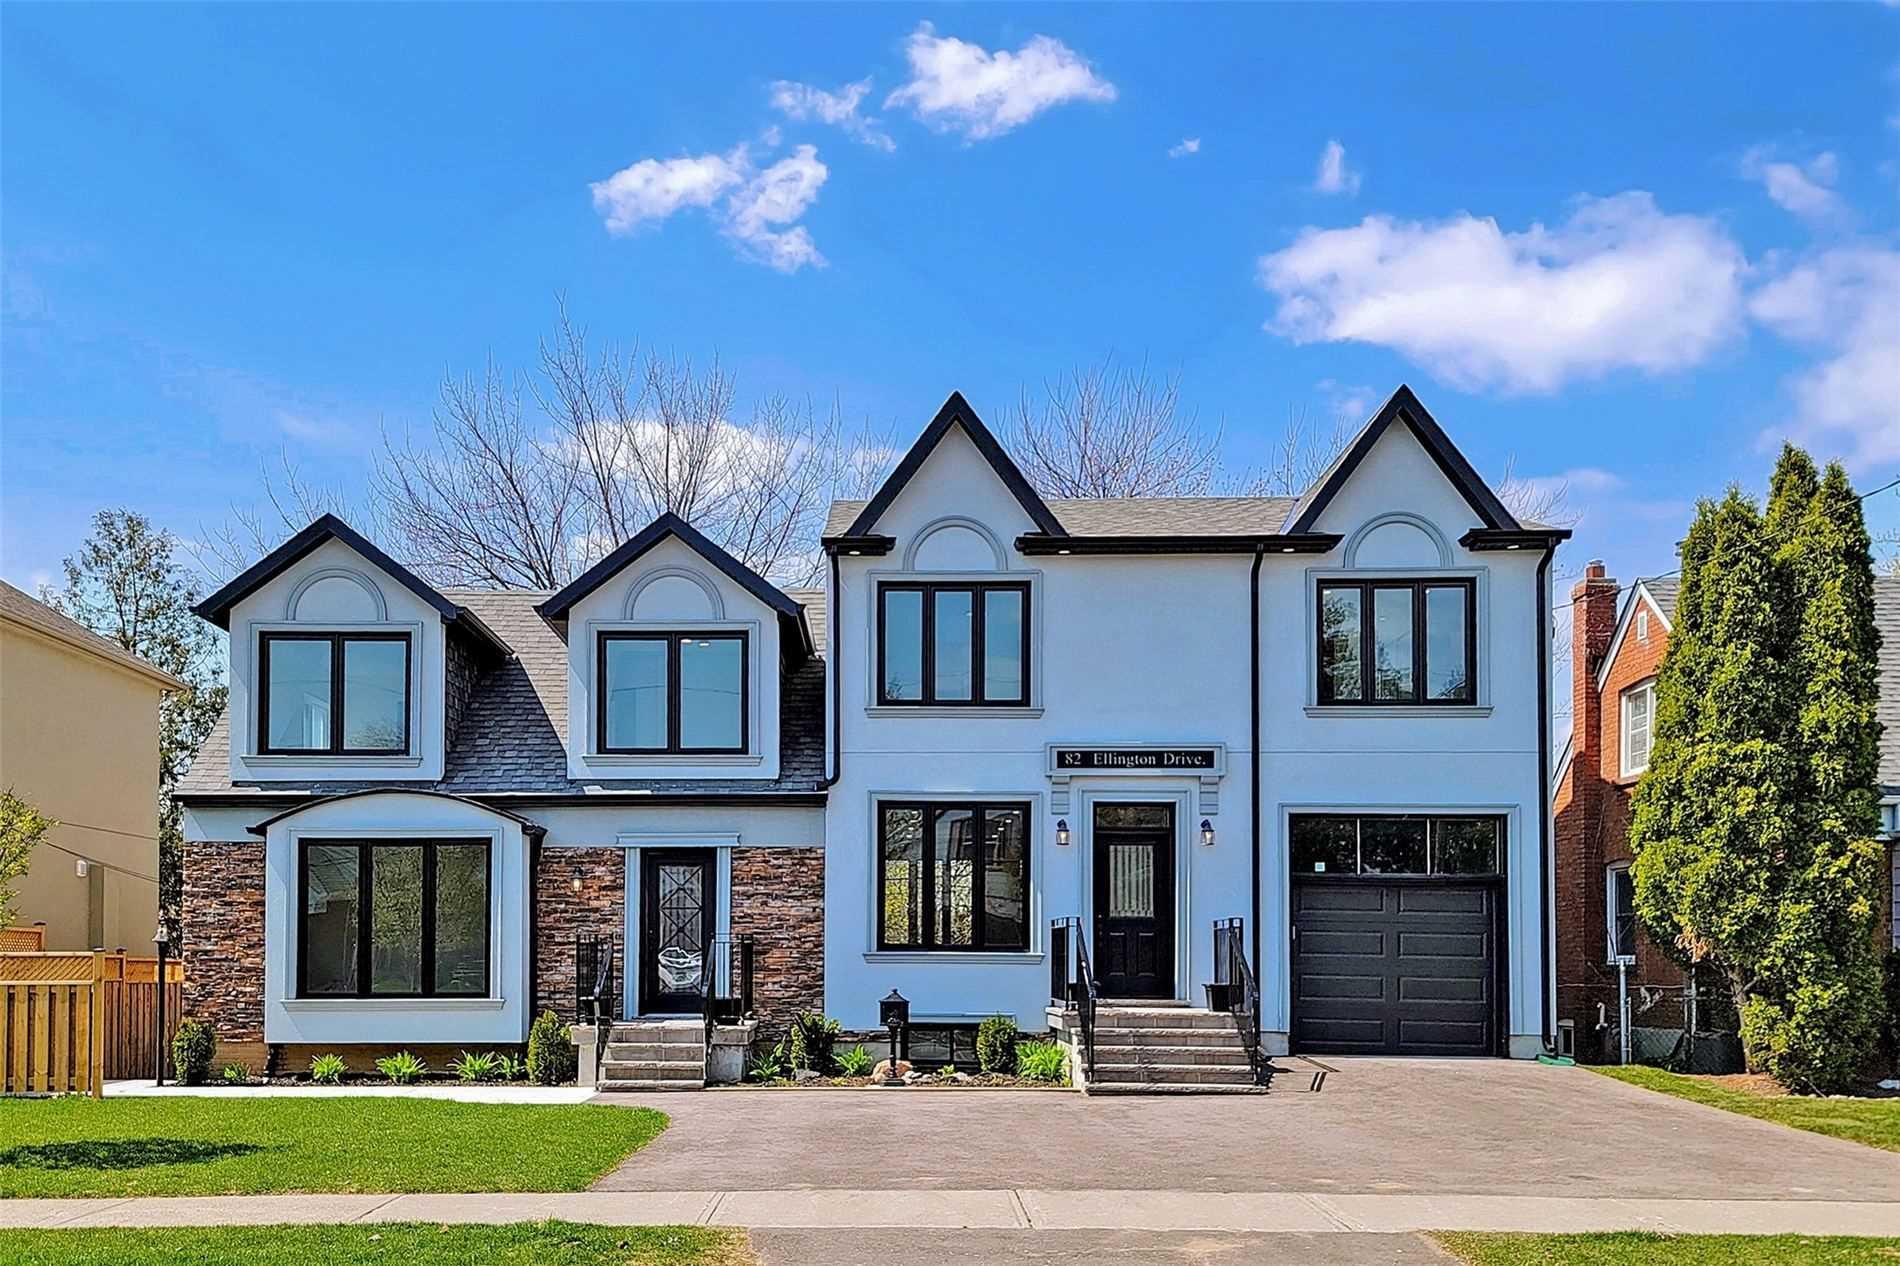 82 Ellington Dr, Toronto, Ontario M1R3Y1, 7 Bedrooms Bedrooms, 11 Rooms Rooms,7 BathroomsBathrooms,Detached,For Sale,Ellington,E5209912